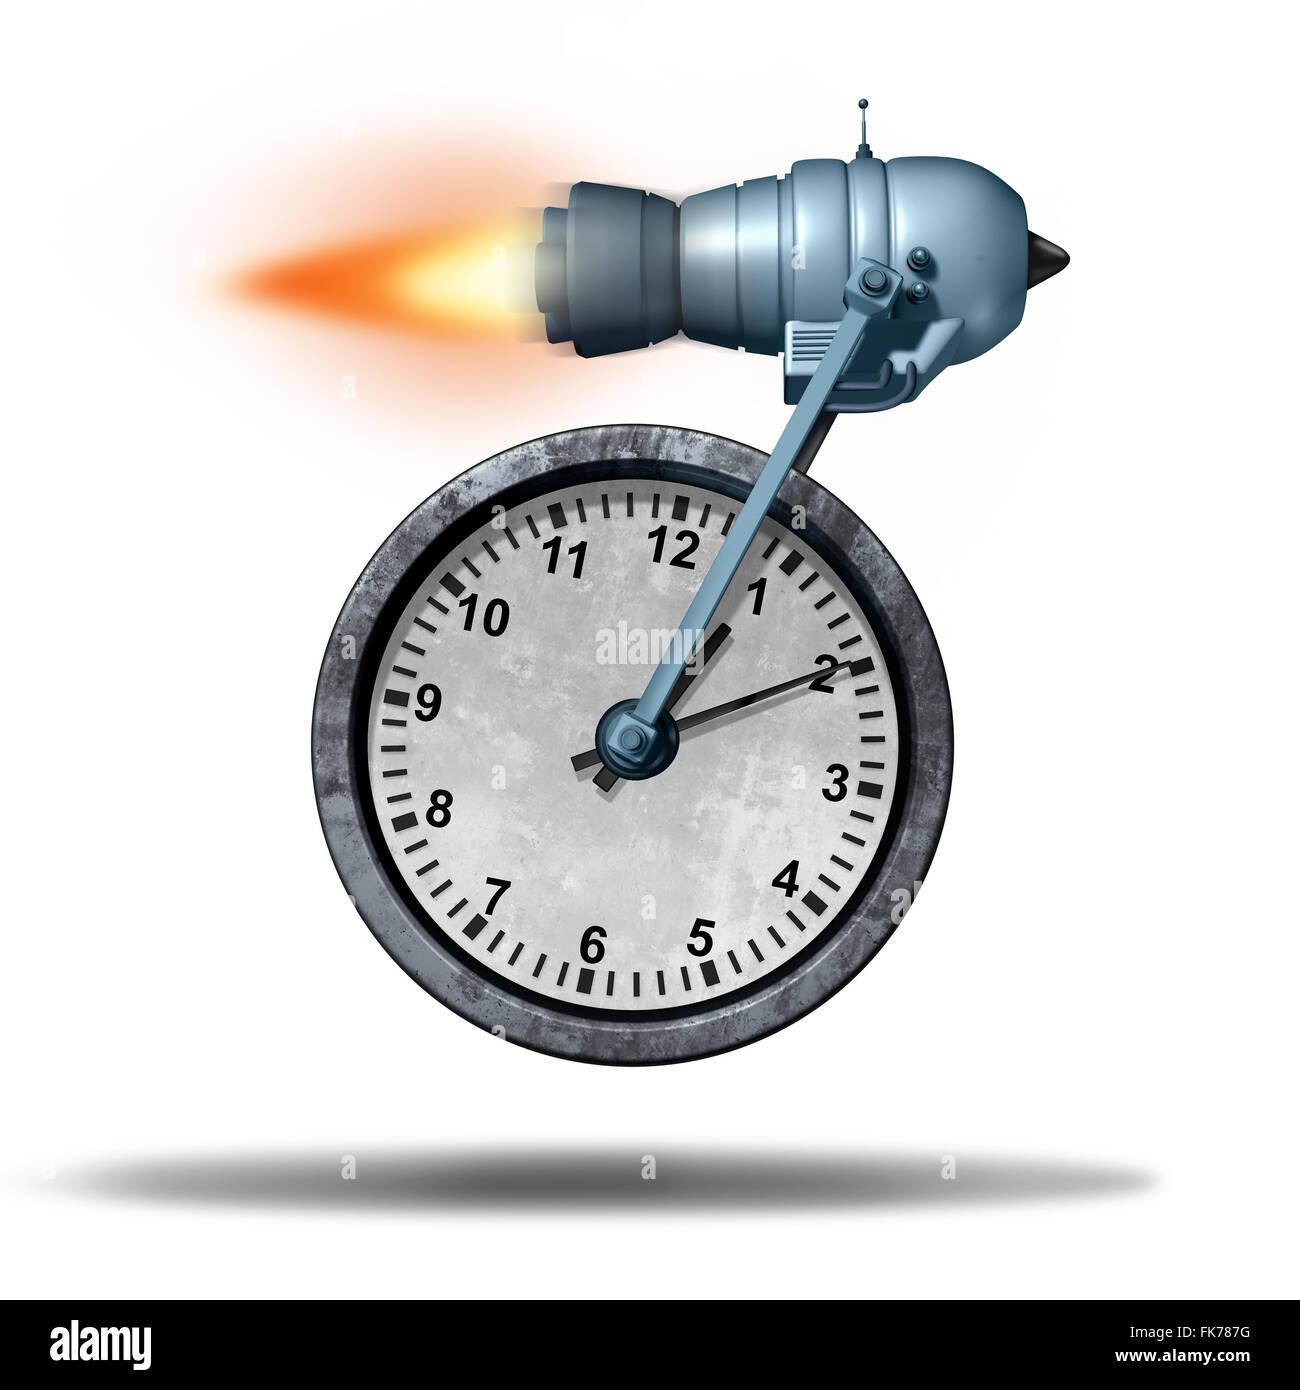 Rapido tempo di scadenza business concept come un orologio è trasportato da un motore a razzo come una metafora Immagini Stock